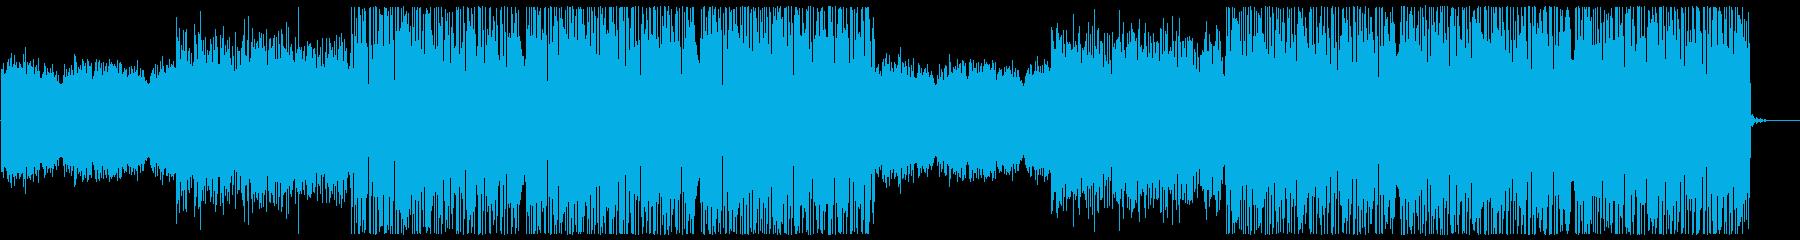 晴々とした明るいドラムンベースの再生済みの波形